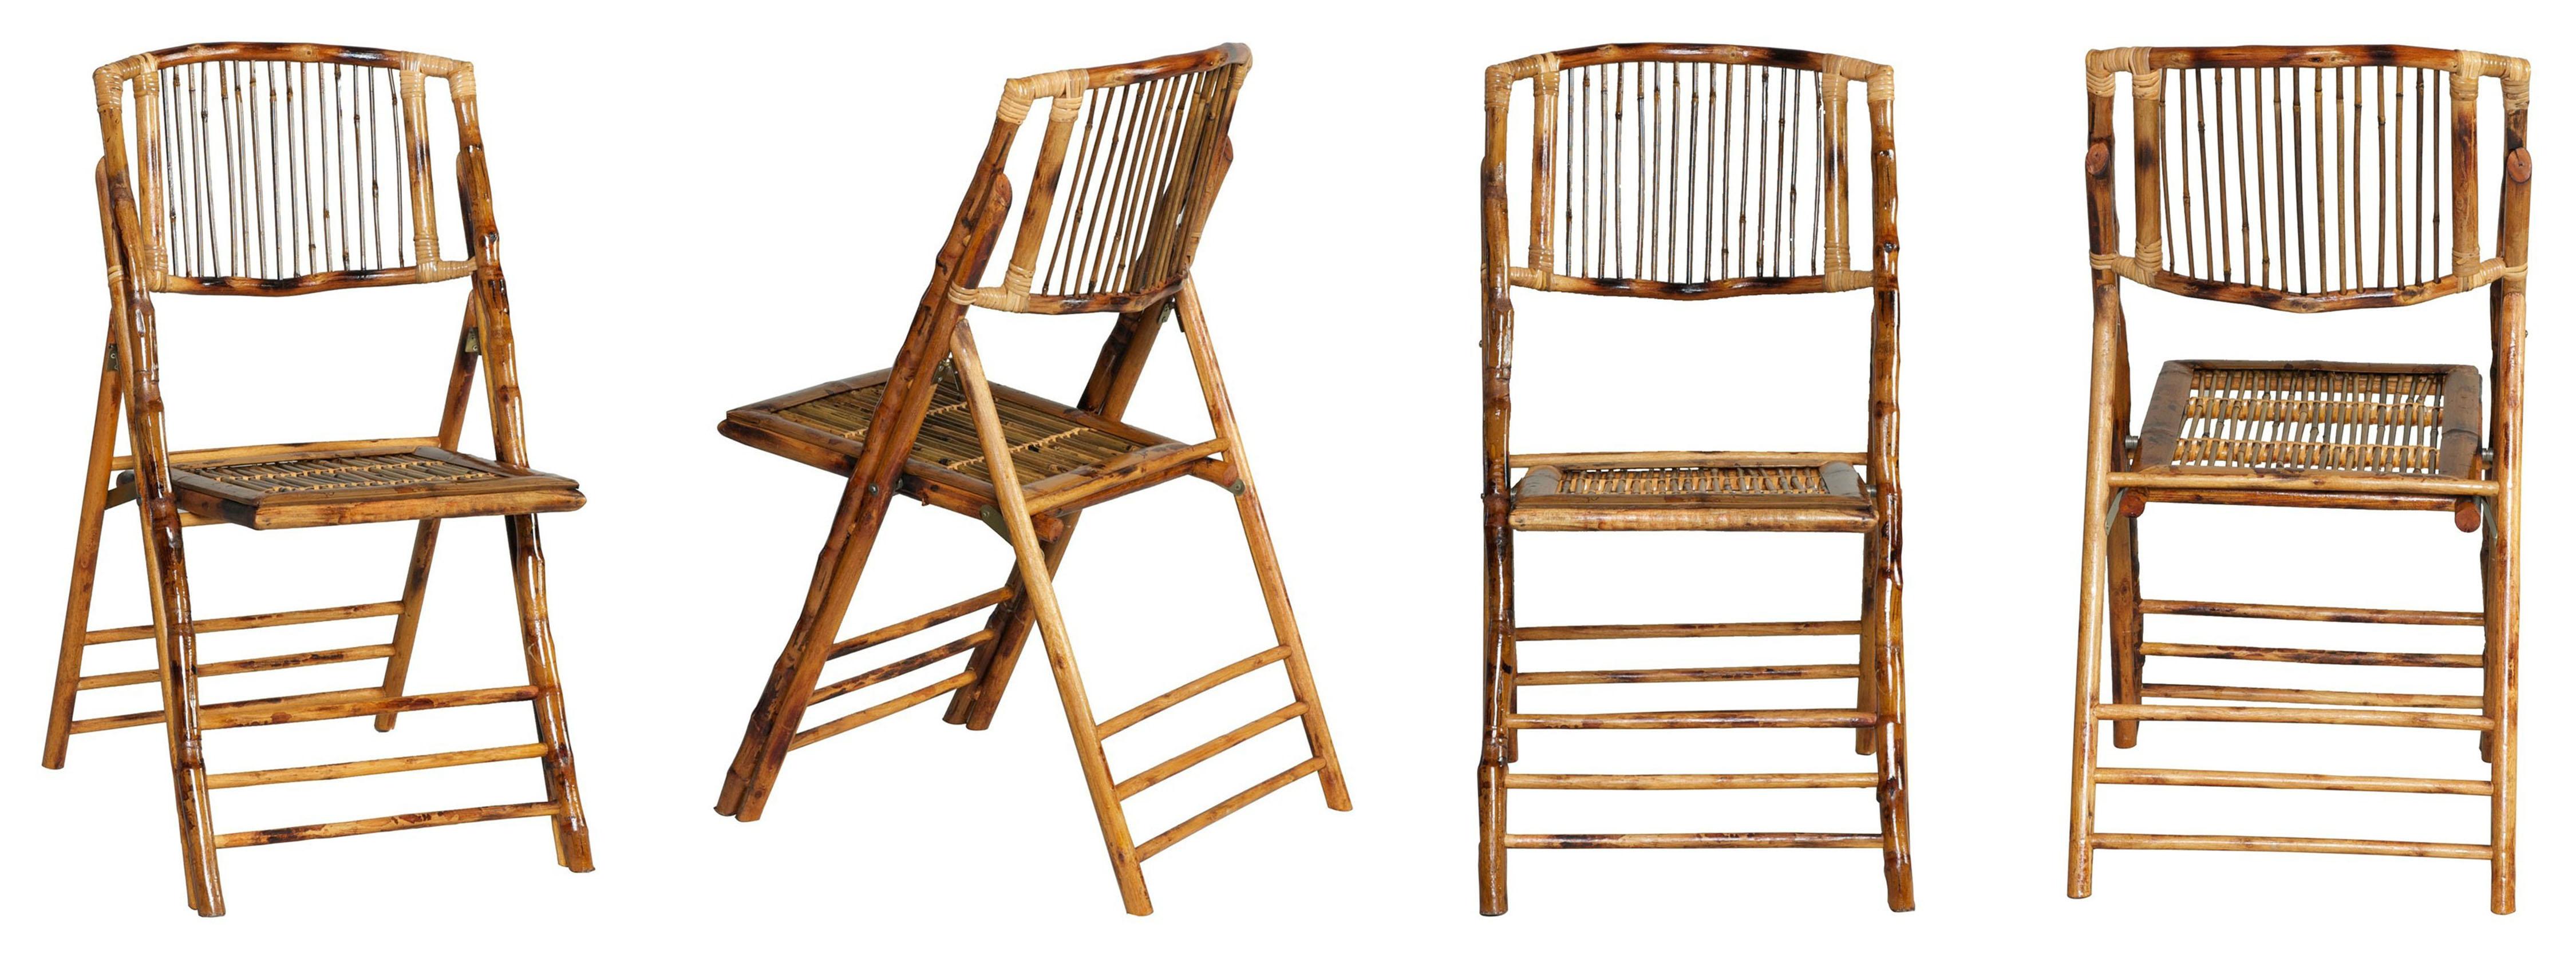 Ordinaire California Chiavari Chairs